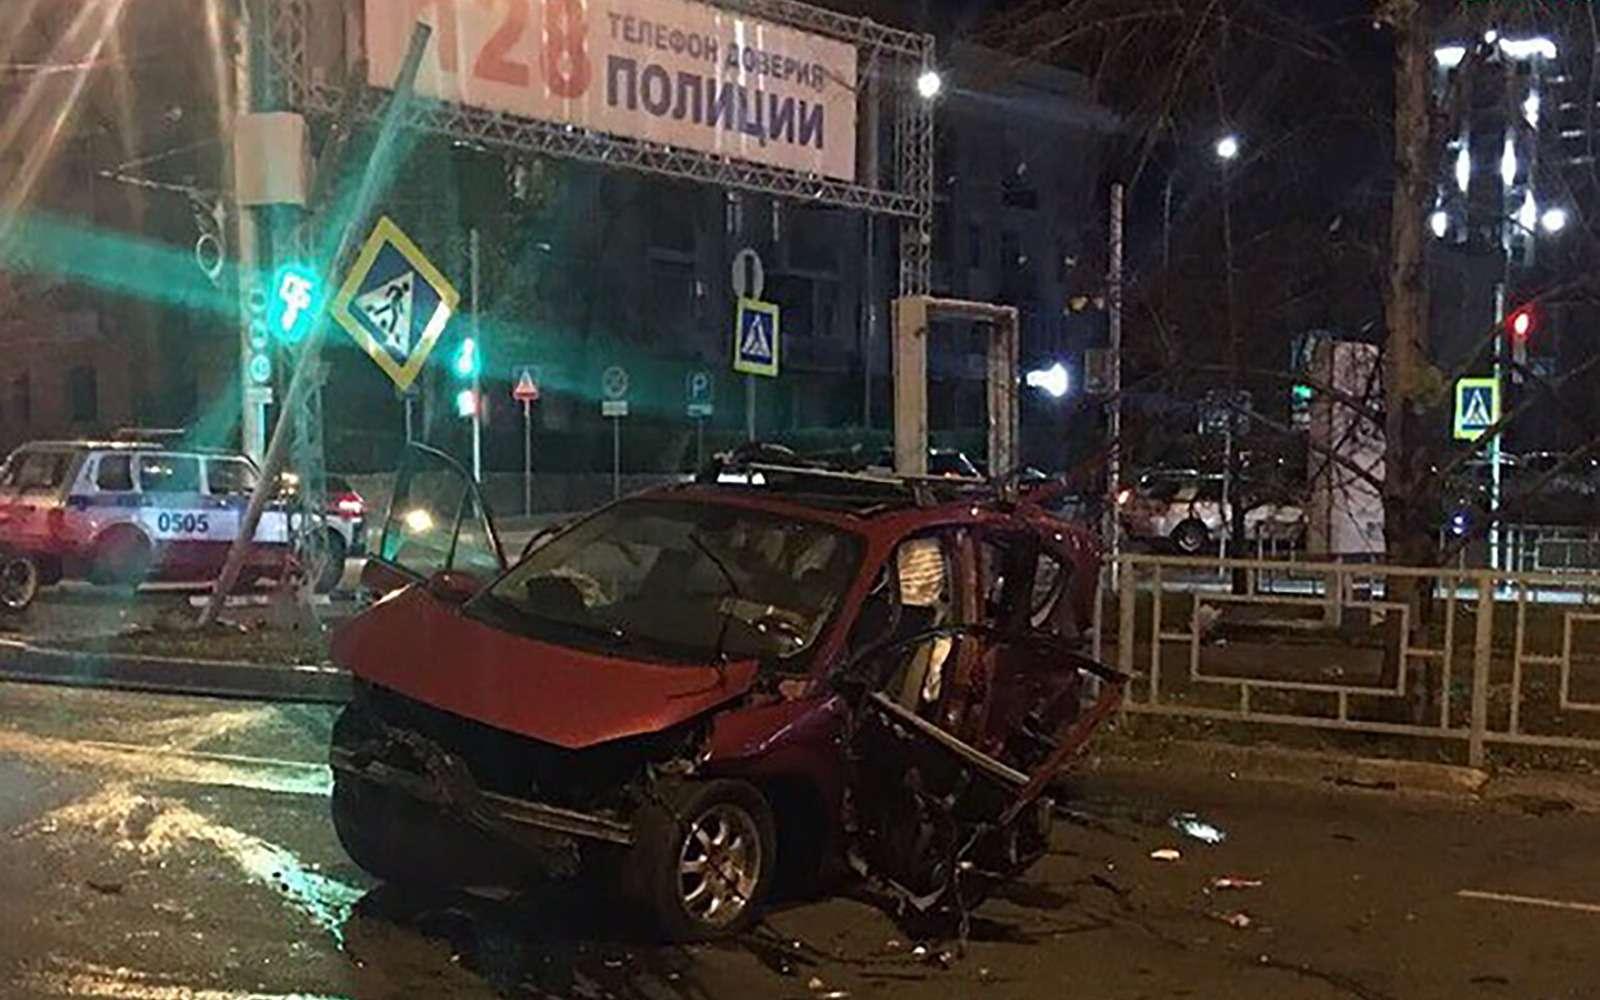 Пьяный мажор наBMW убил ваварии двух детей иженщину